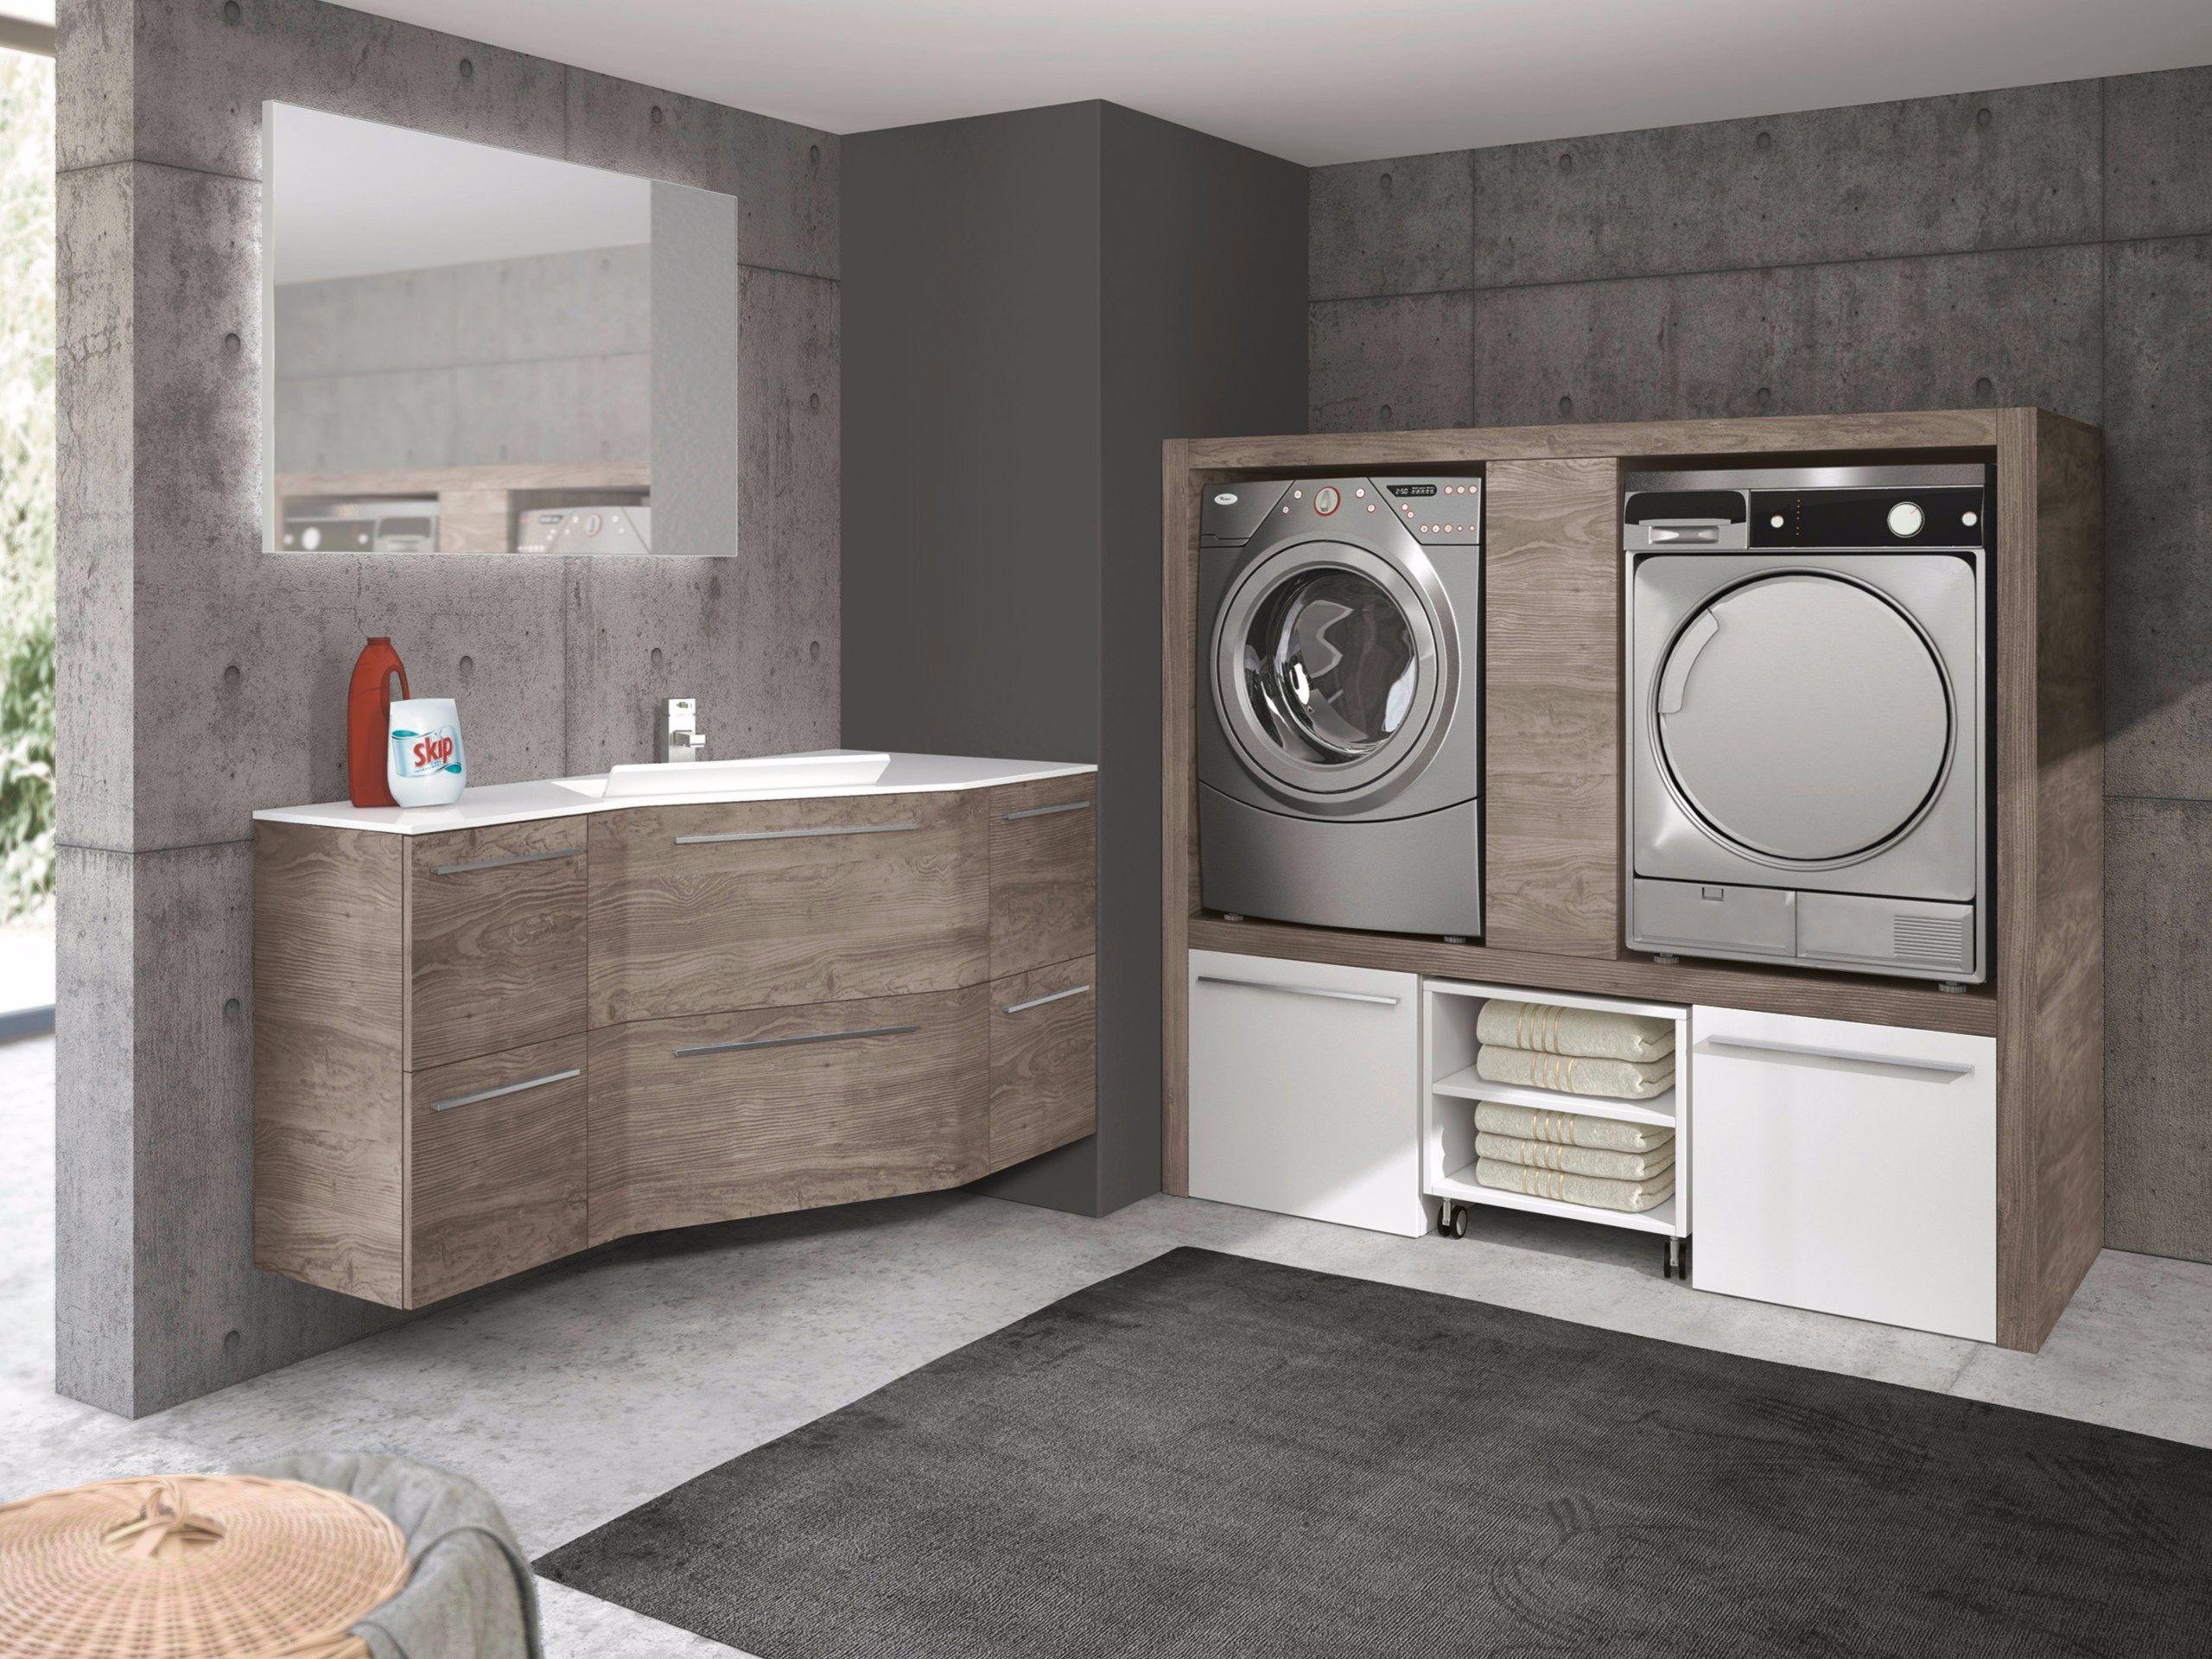 20 Originelle Ideen Moderne Waschkuche